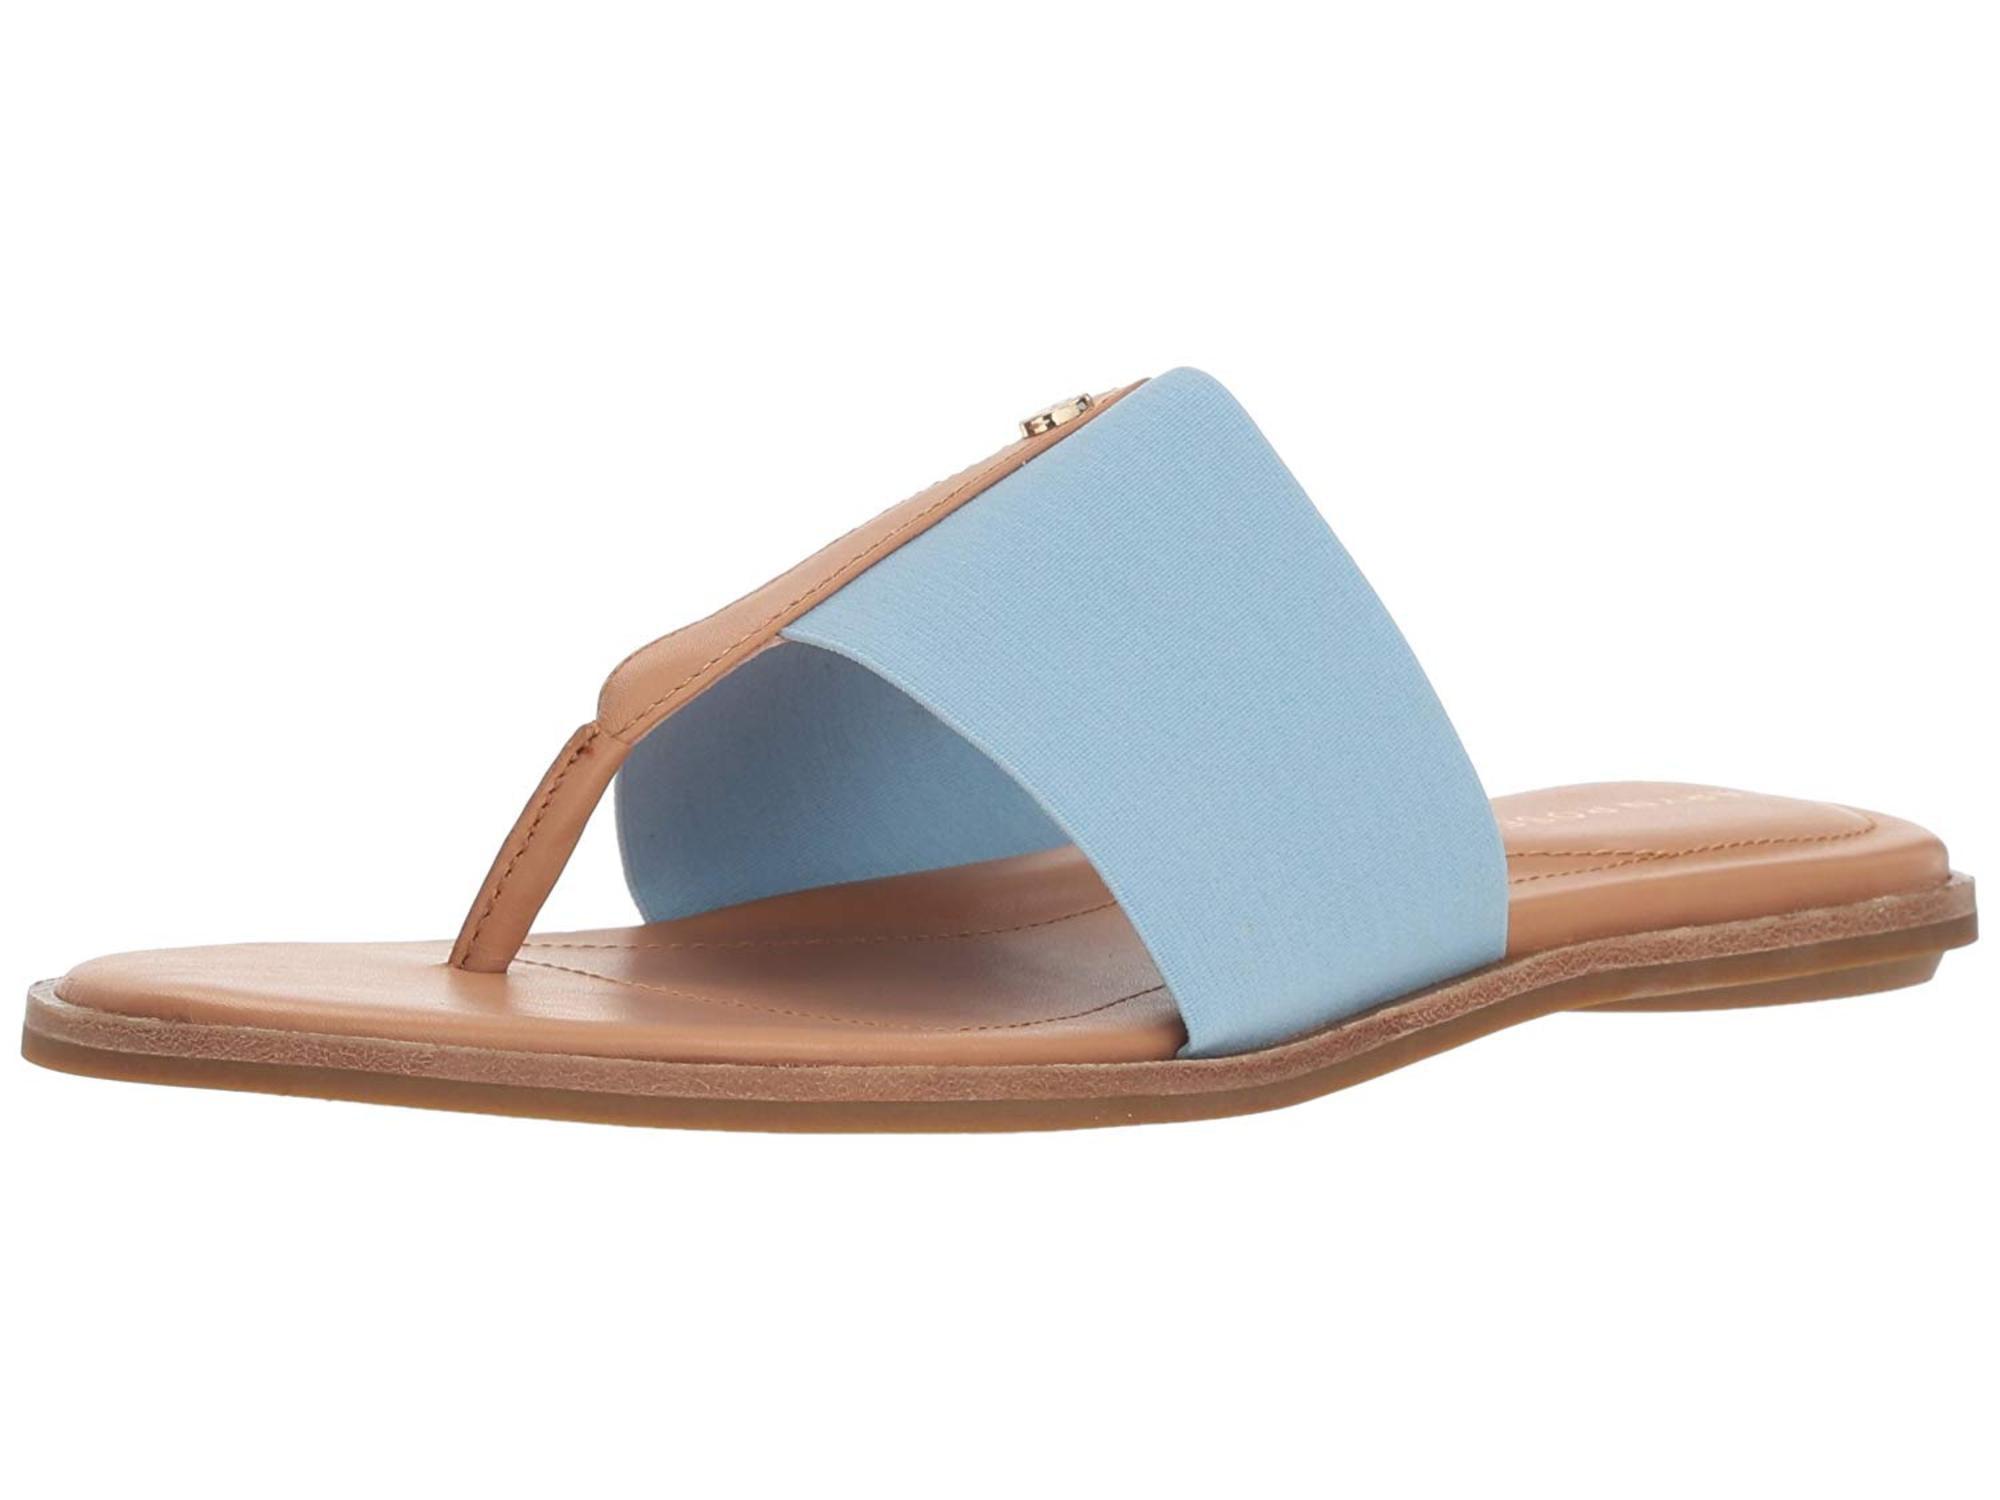 a44504741ecf Taryn Rose Women s Kamryn Vachetta Flat Sandal